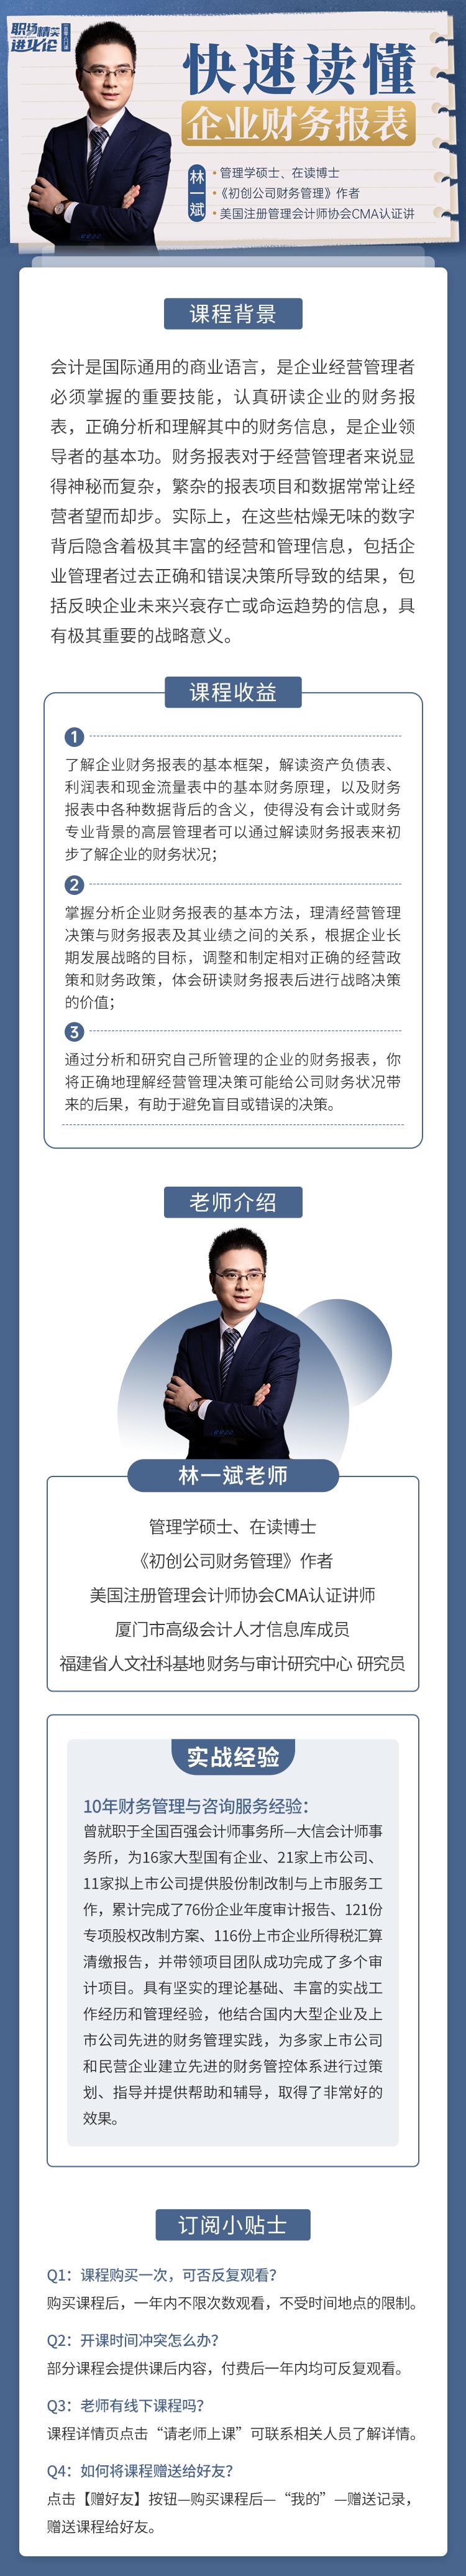 【7月20日】快速读懂企业财务报表